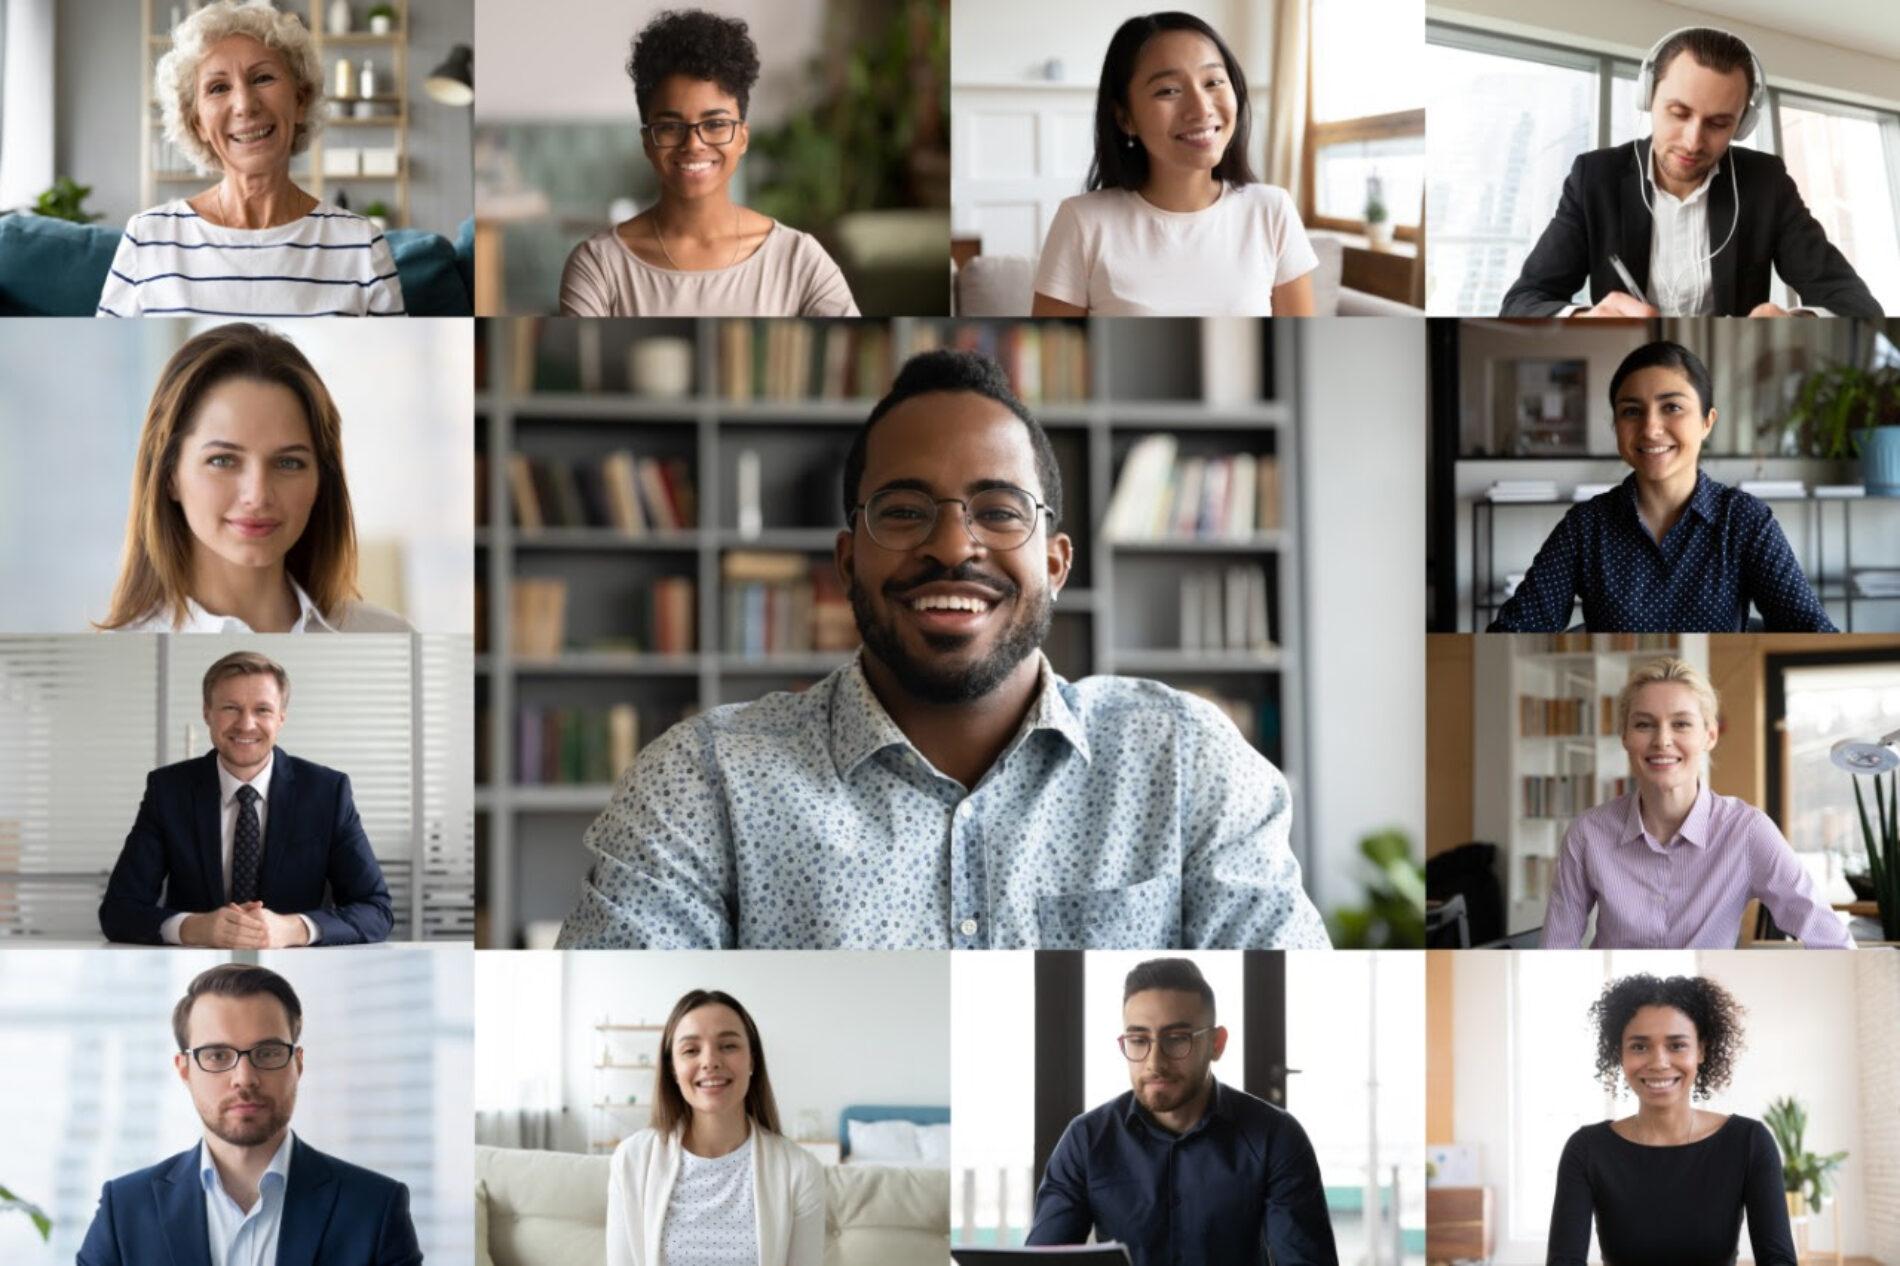 Trabajo: ¿Cómo pueden las empresas adaptarse a las nuevas modalidades laborales y obtener ventaja